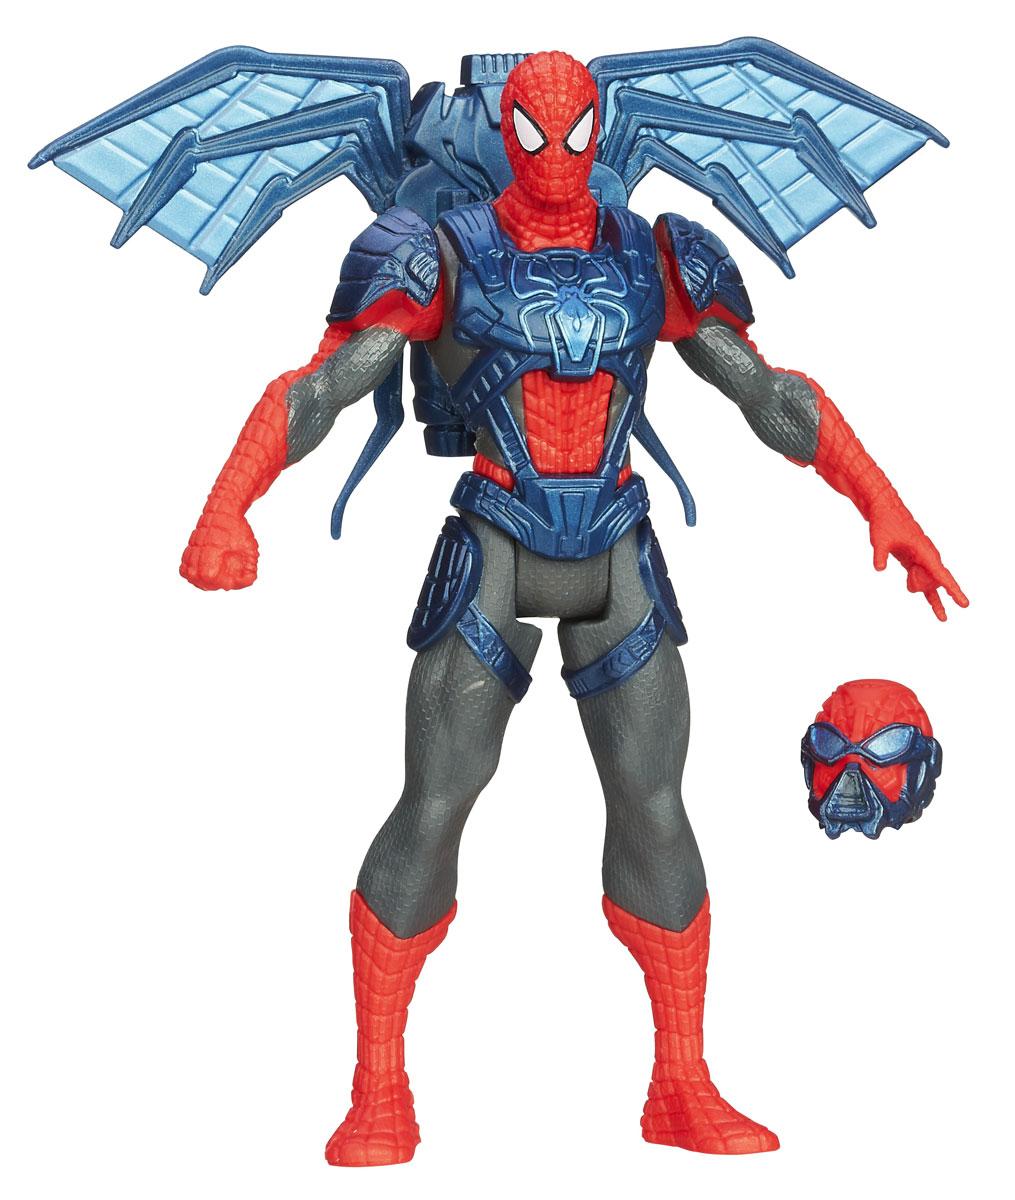 Фигурка Spider-man Spider Strike, 10,5 см. A5700_7084A5700E27_6Фигурка Spider-man Spider Strike станет прекрасным подарком для вашего ребенка. Она выполнена из прочного яркого пластика в виде знаменитого супергероя - Человека-Паука. Голова, руки и ноги фигурки подвижны, что позволит придавать Человеку-Пауку различные позы. В комплект также входят шлем и крылья со встроенным магнитом, раскладывающееся при закреплении на спине. Ваш ребенок будет часами играть с этой фигуркой, придумывая различные истории с участием любимого героя. Человек-Паук - супергерой, получивший суперсилу, увеличенную ловкость, паучье чутье, а также способность держаться на отвесных поверхностях и выпускать паутину из рук. Теперь он готов наказать злодеев, которые покушаются но покой его родного города! УВАЖАЕМЫЕ КЛИЕНТЫ! Обращаем ваше внимание на возможные незначительные изменения в дизайне упаковки.